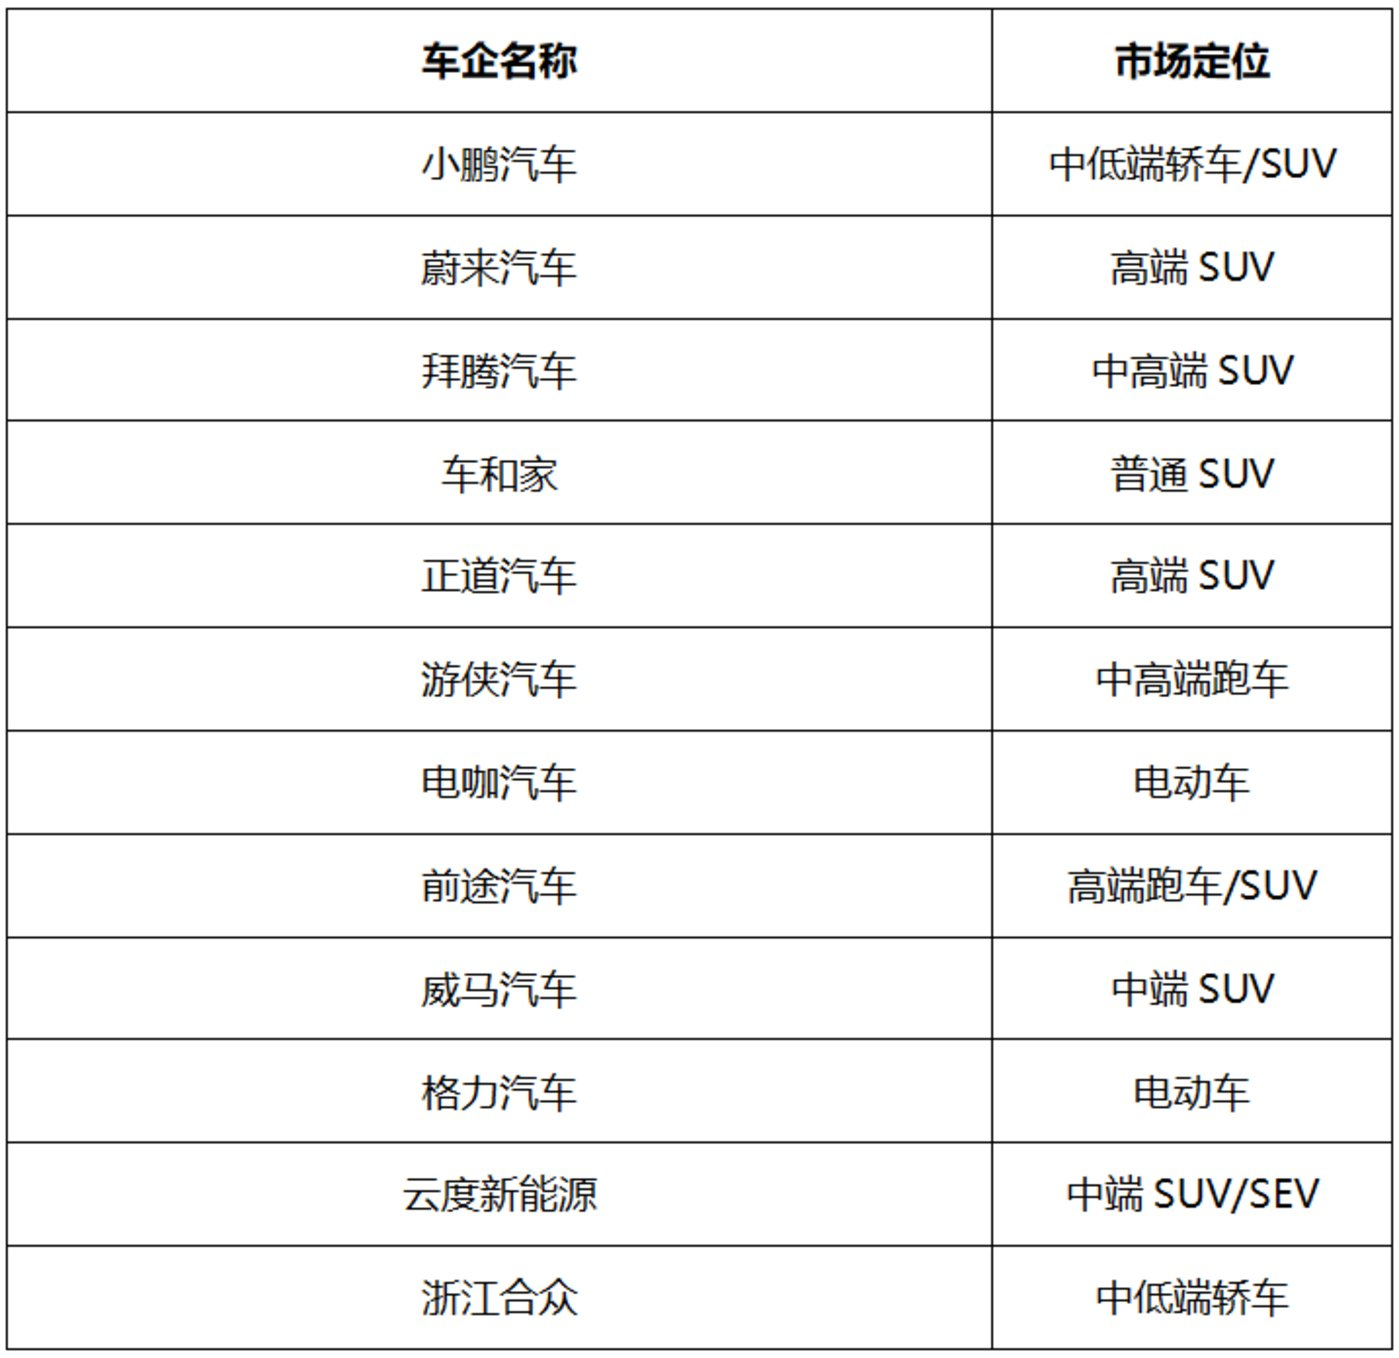 (国内新能源车企主要企业/秦言绘制)